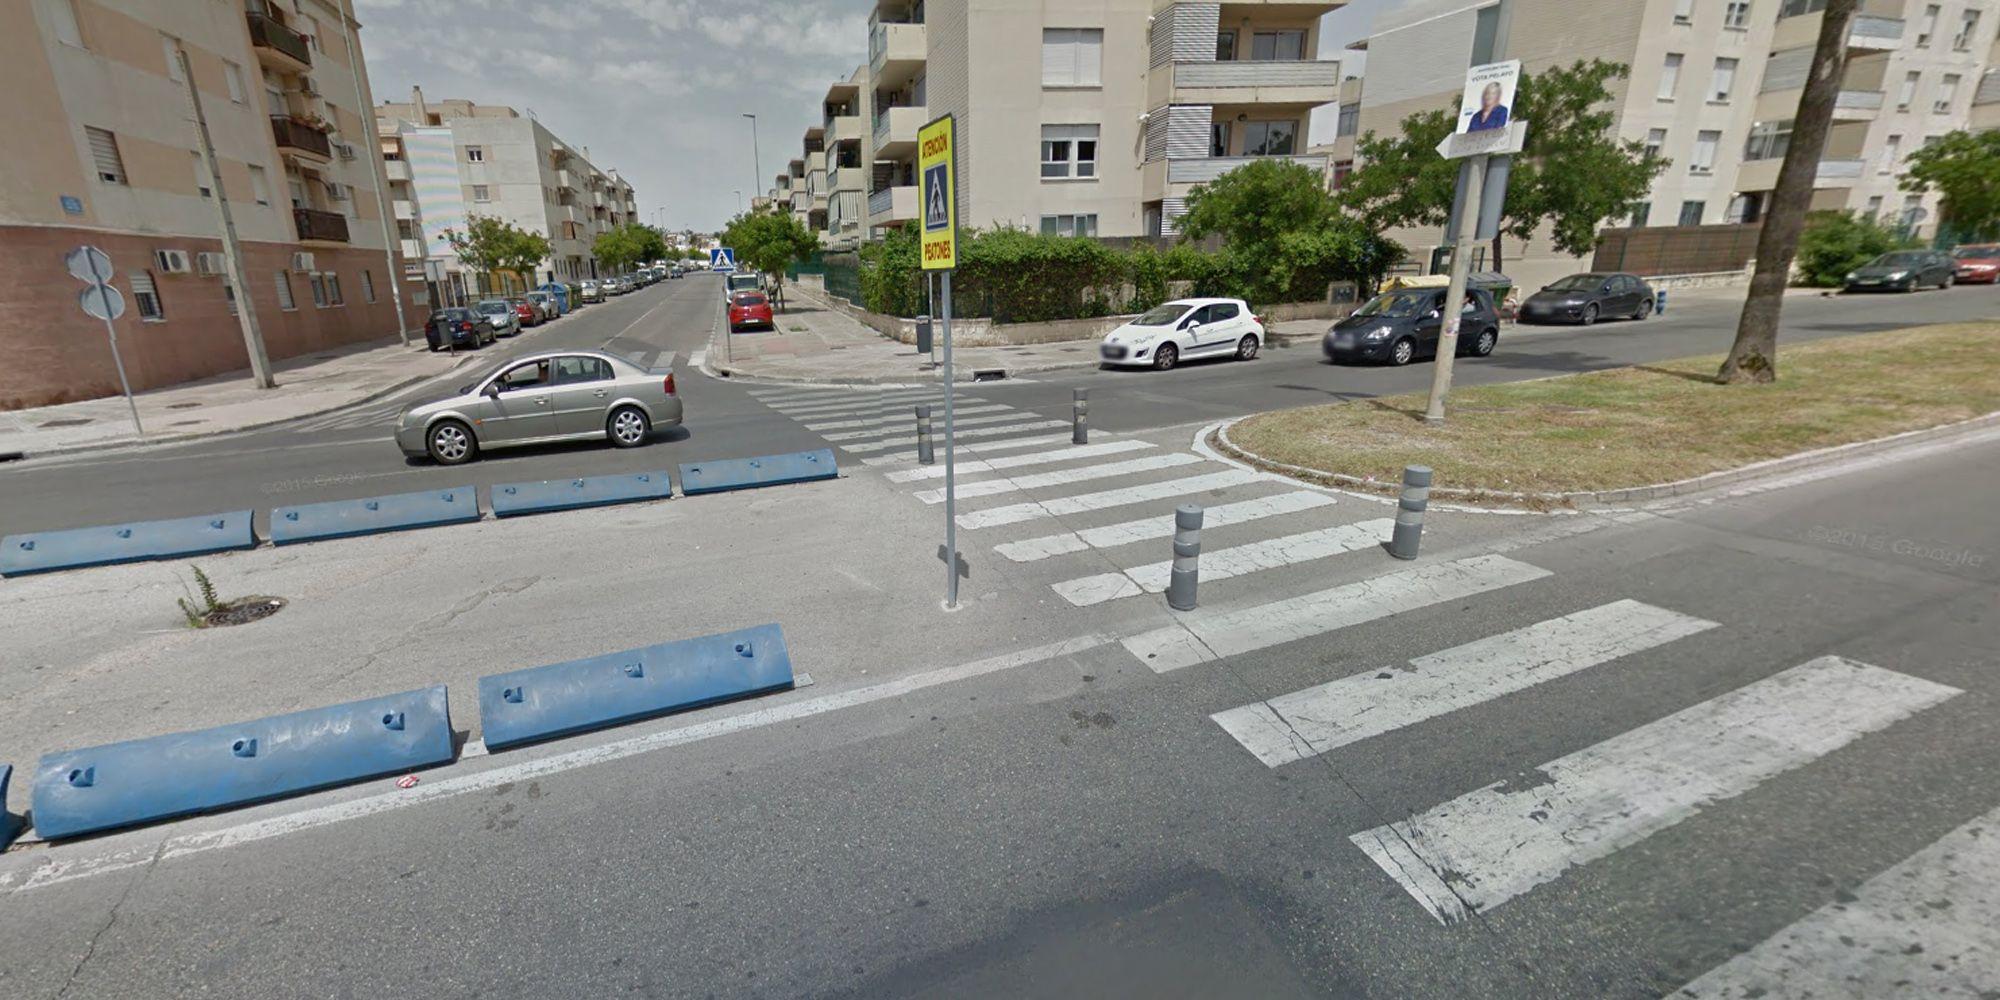 Avenida Puertas del Sur, cruce con la calle María Luisa Cobo Peña, Jerez